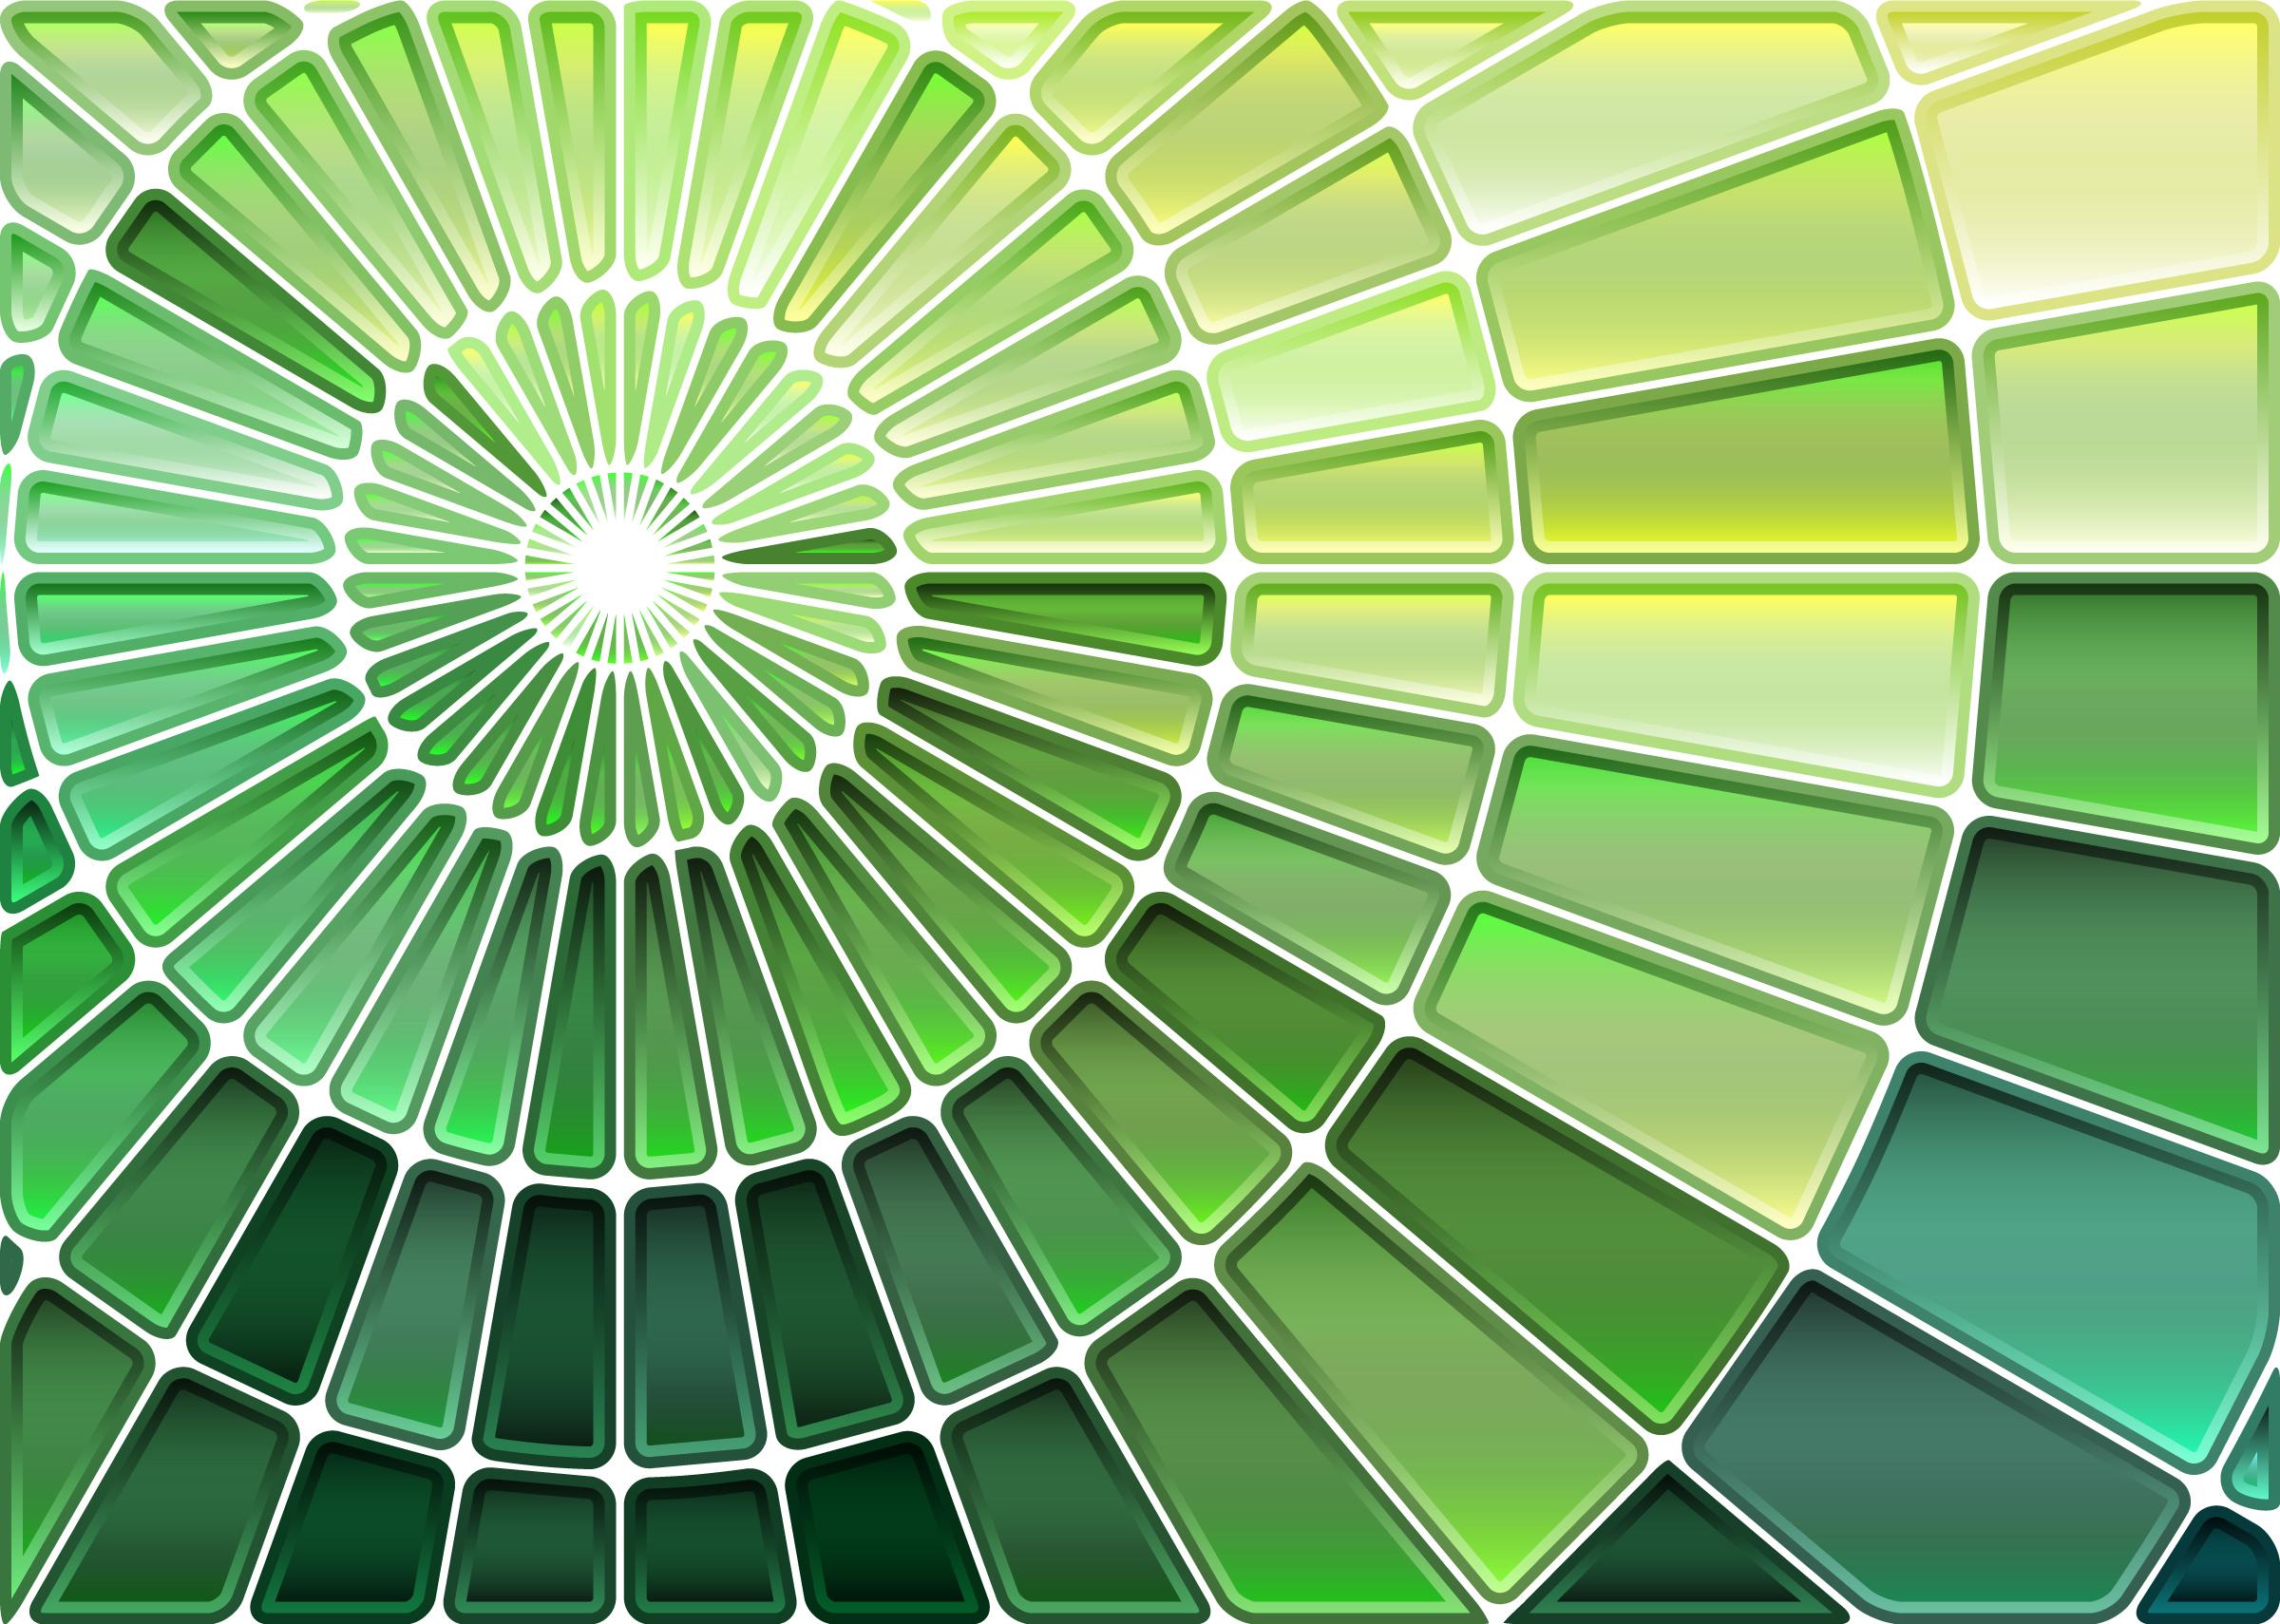 کاربرد رنگ سبز در طراحی سایت و بازاریابی